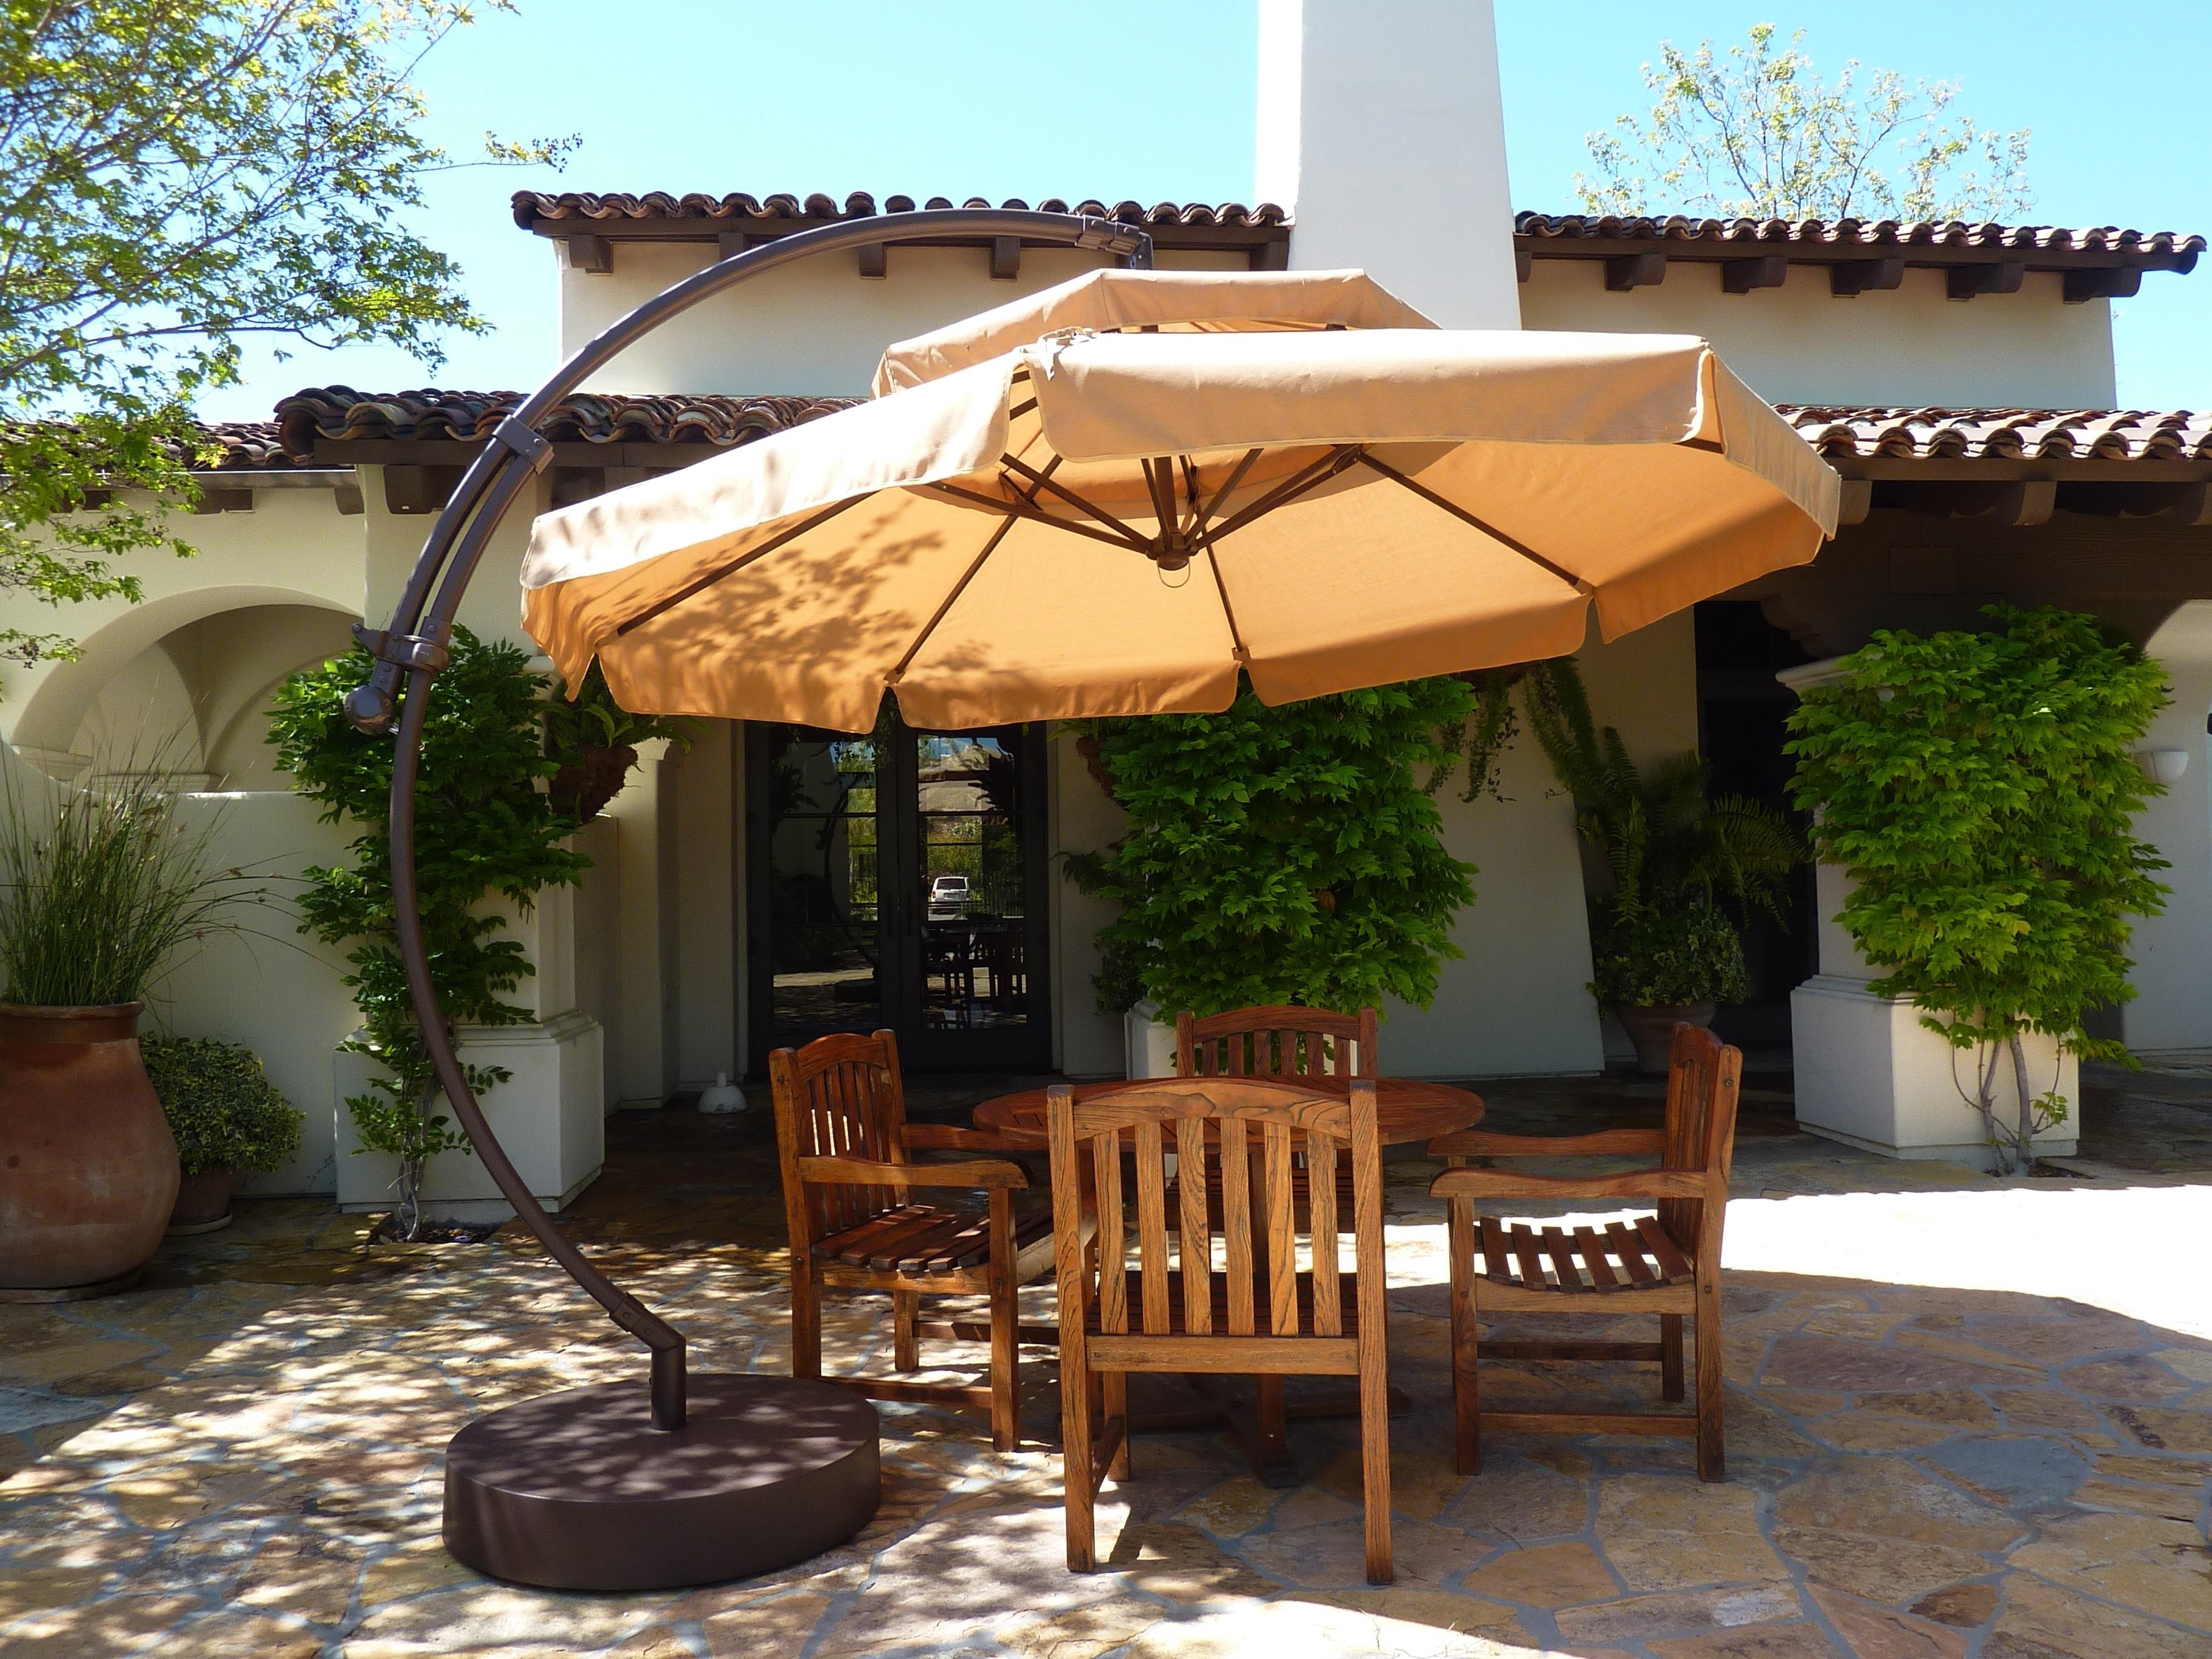 10 Ft Patio Umbrellas Regarding Current Furniture: 10Ft Cantilever Umbrellas Patio Umbrella Target Patio (Gallery 8 of 20)